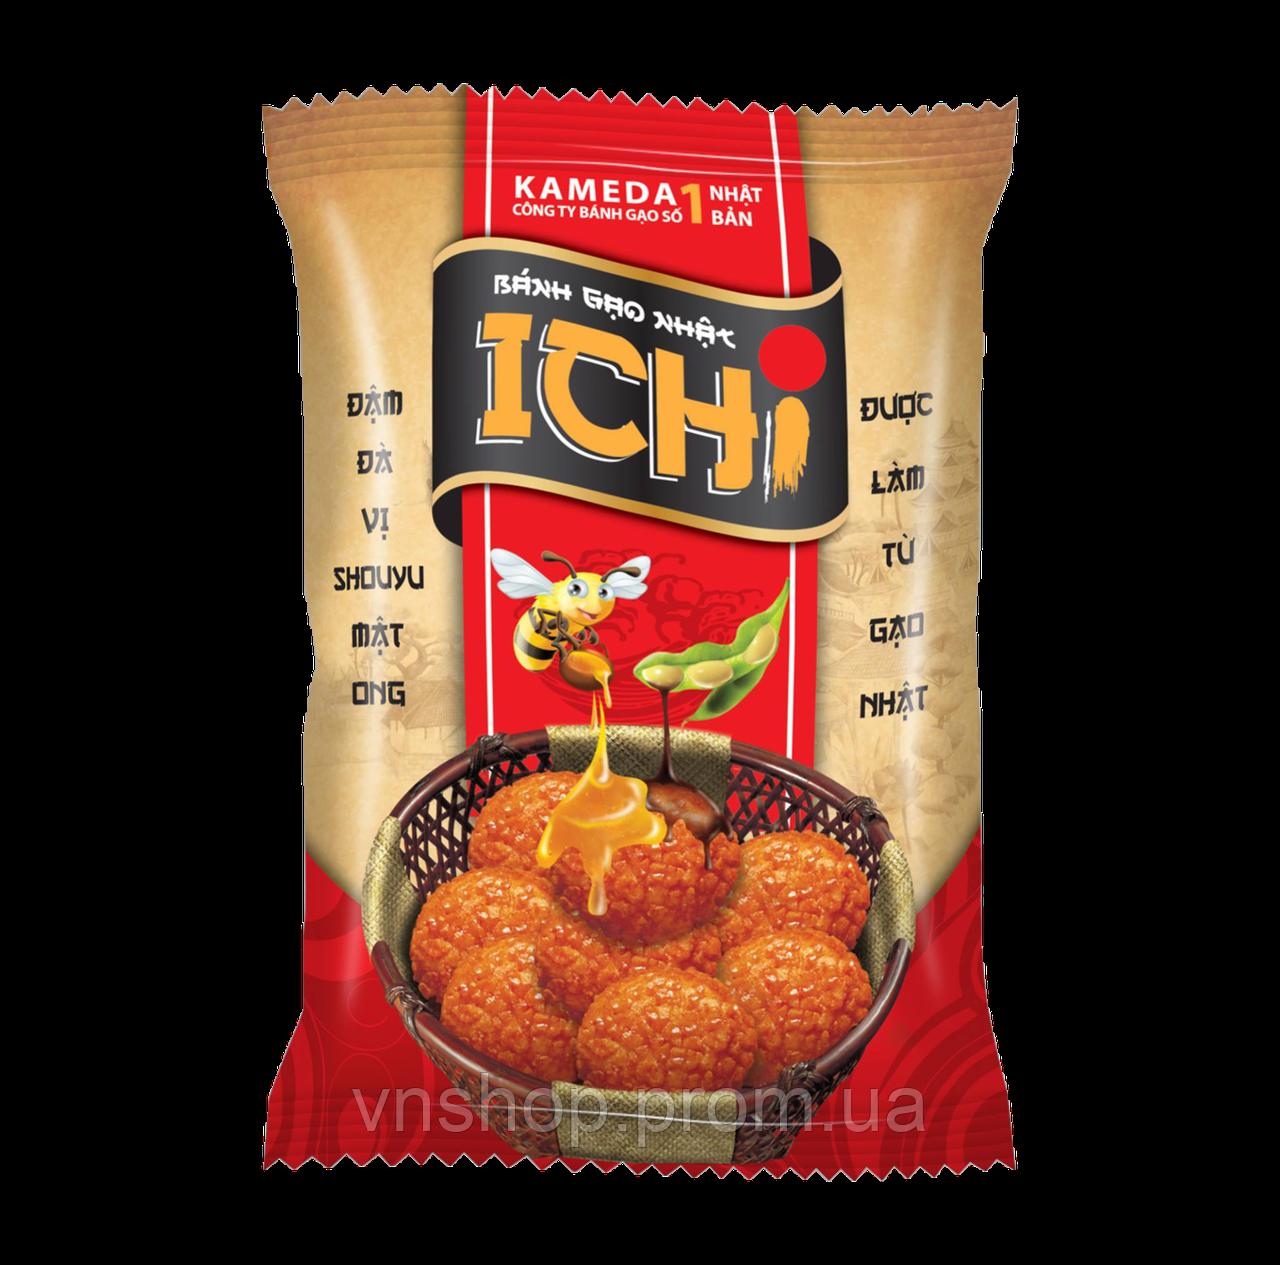 Рисовые крекеры с медом  ICHI